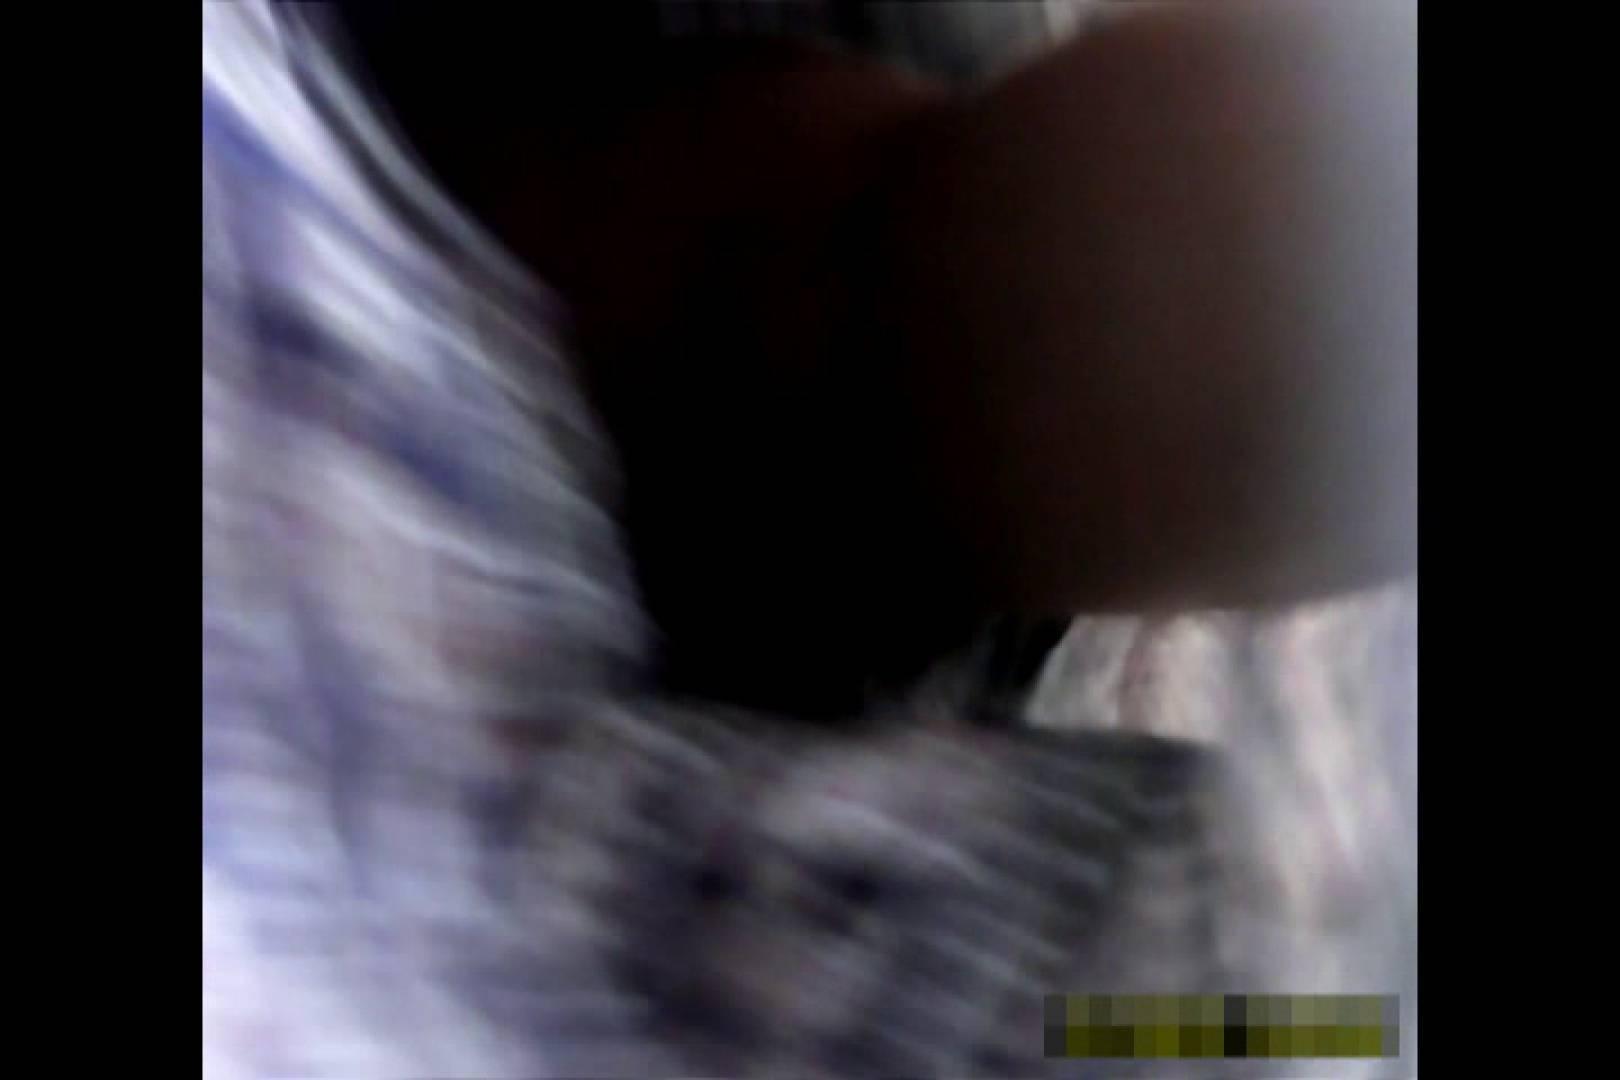 超高画質5000K!脅威の2点かわや! vol.70 高画質 エロ画像 103pic 70